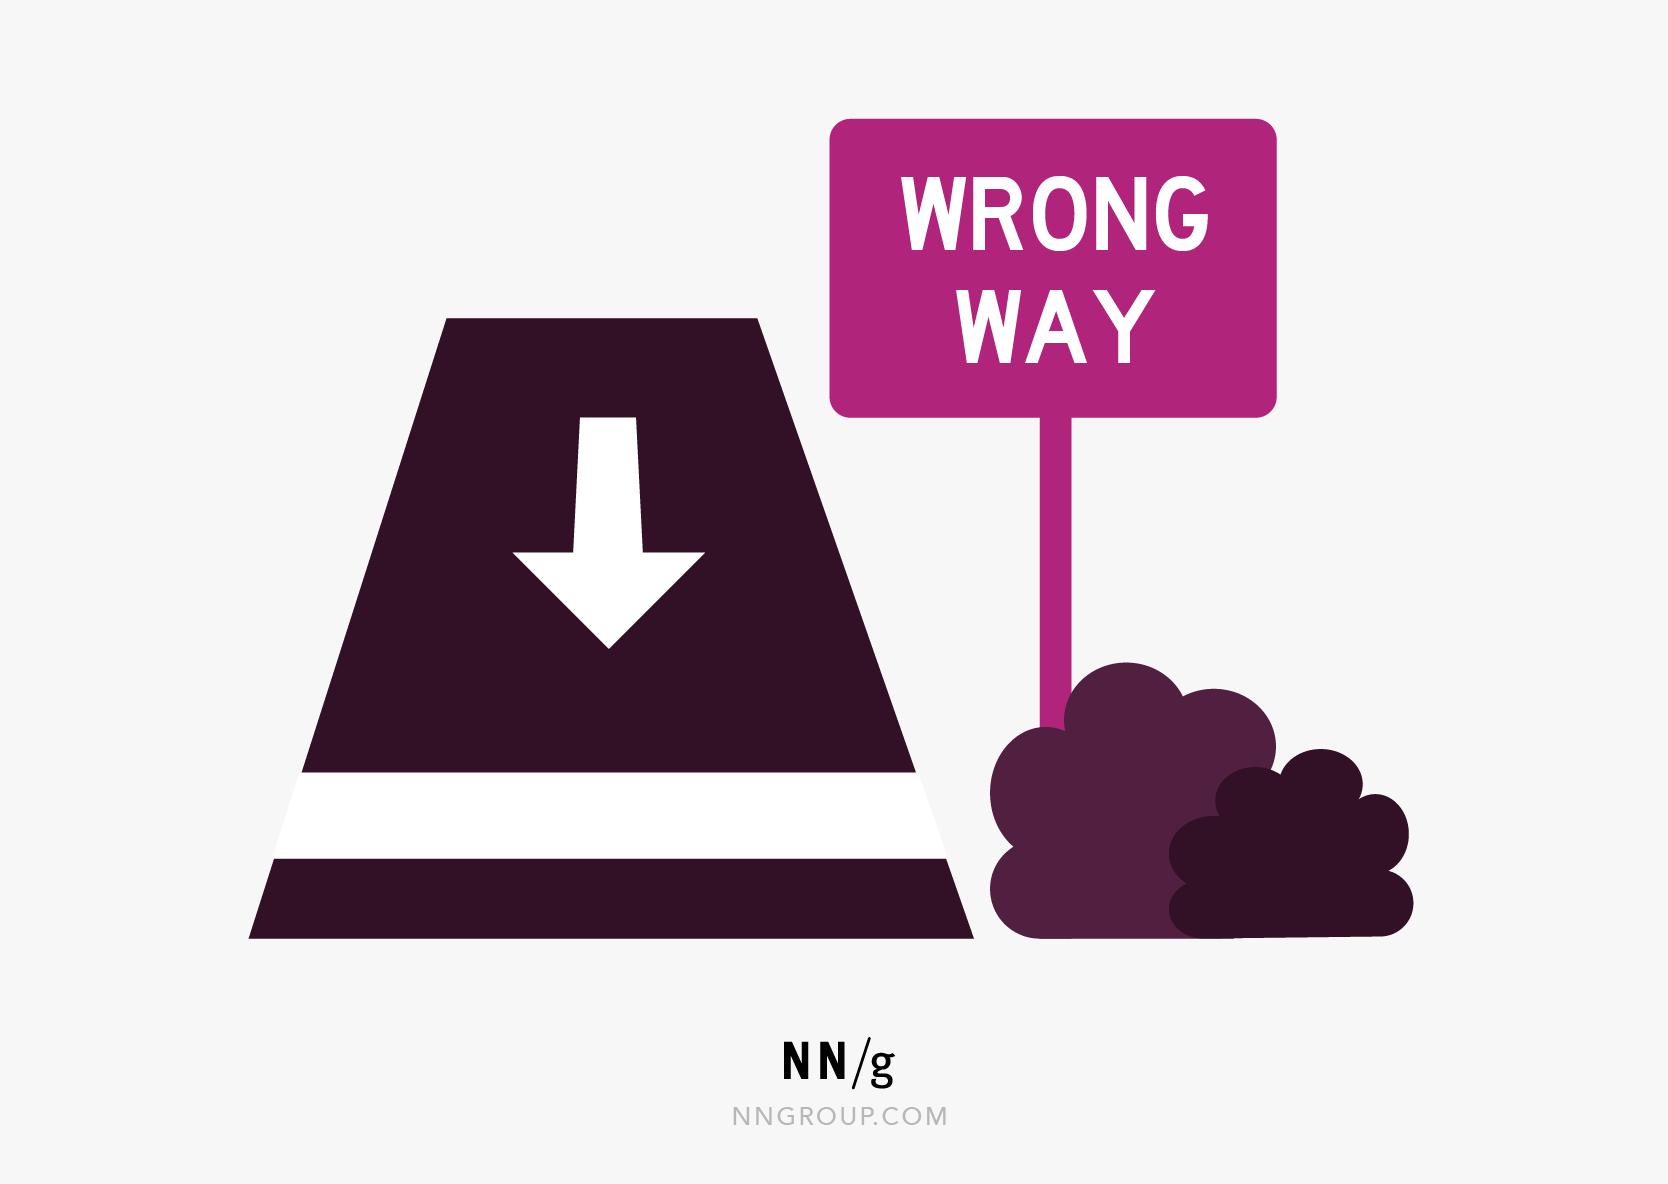 可用性启发式#9:一条带有错误方式的道路的图片,向右向右侧签署,警告司机不进入。